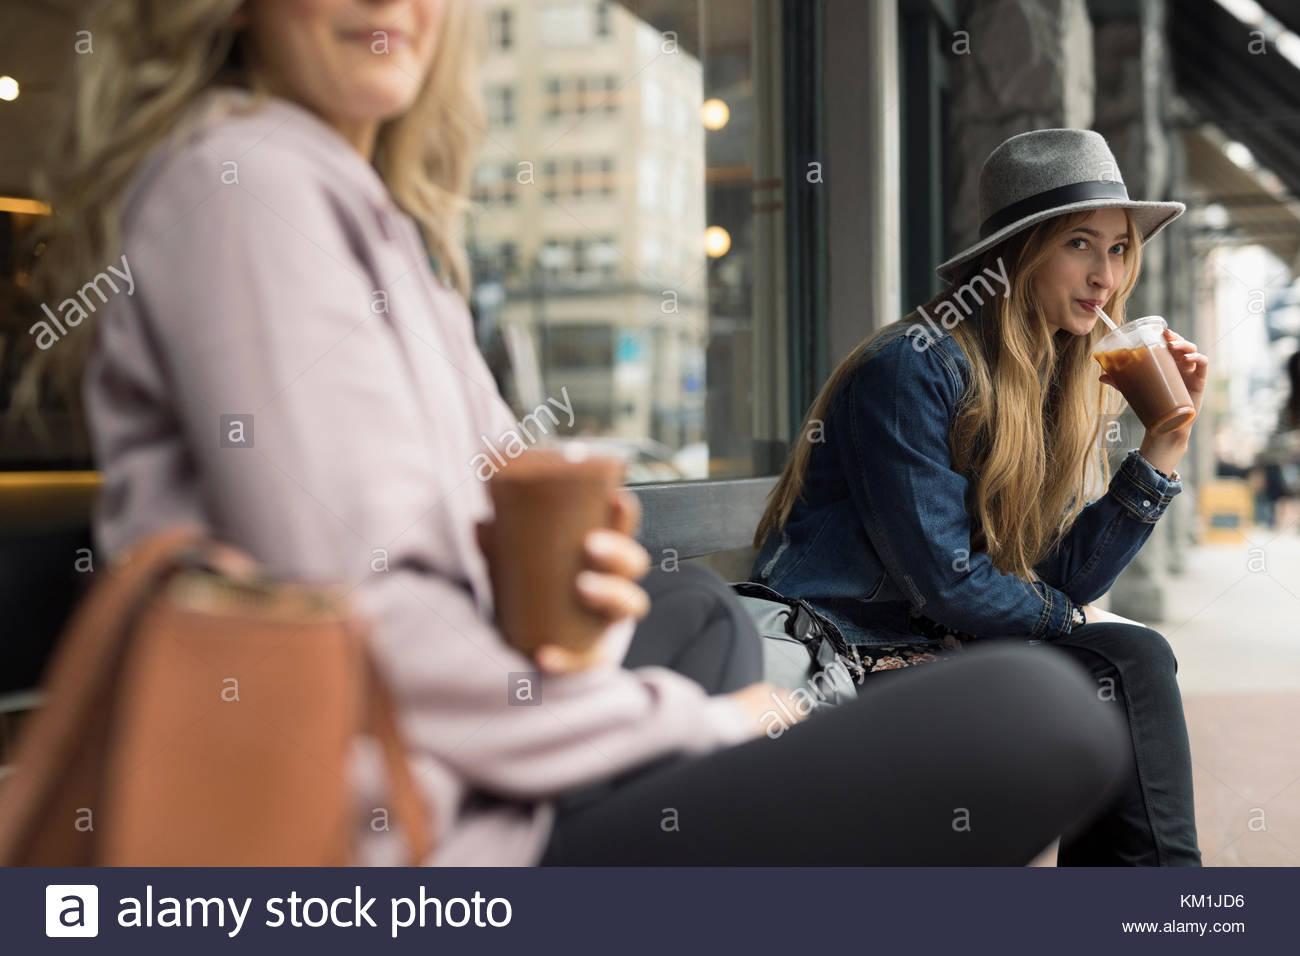 Junge Frauen, die Freunde trinken Eiskaffee auf der Werkbank im Straßencafé Stockbild